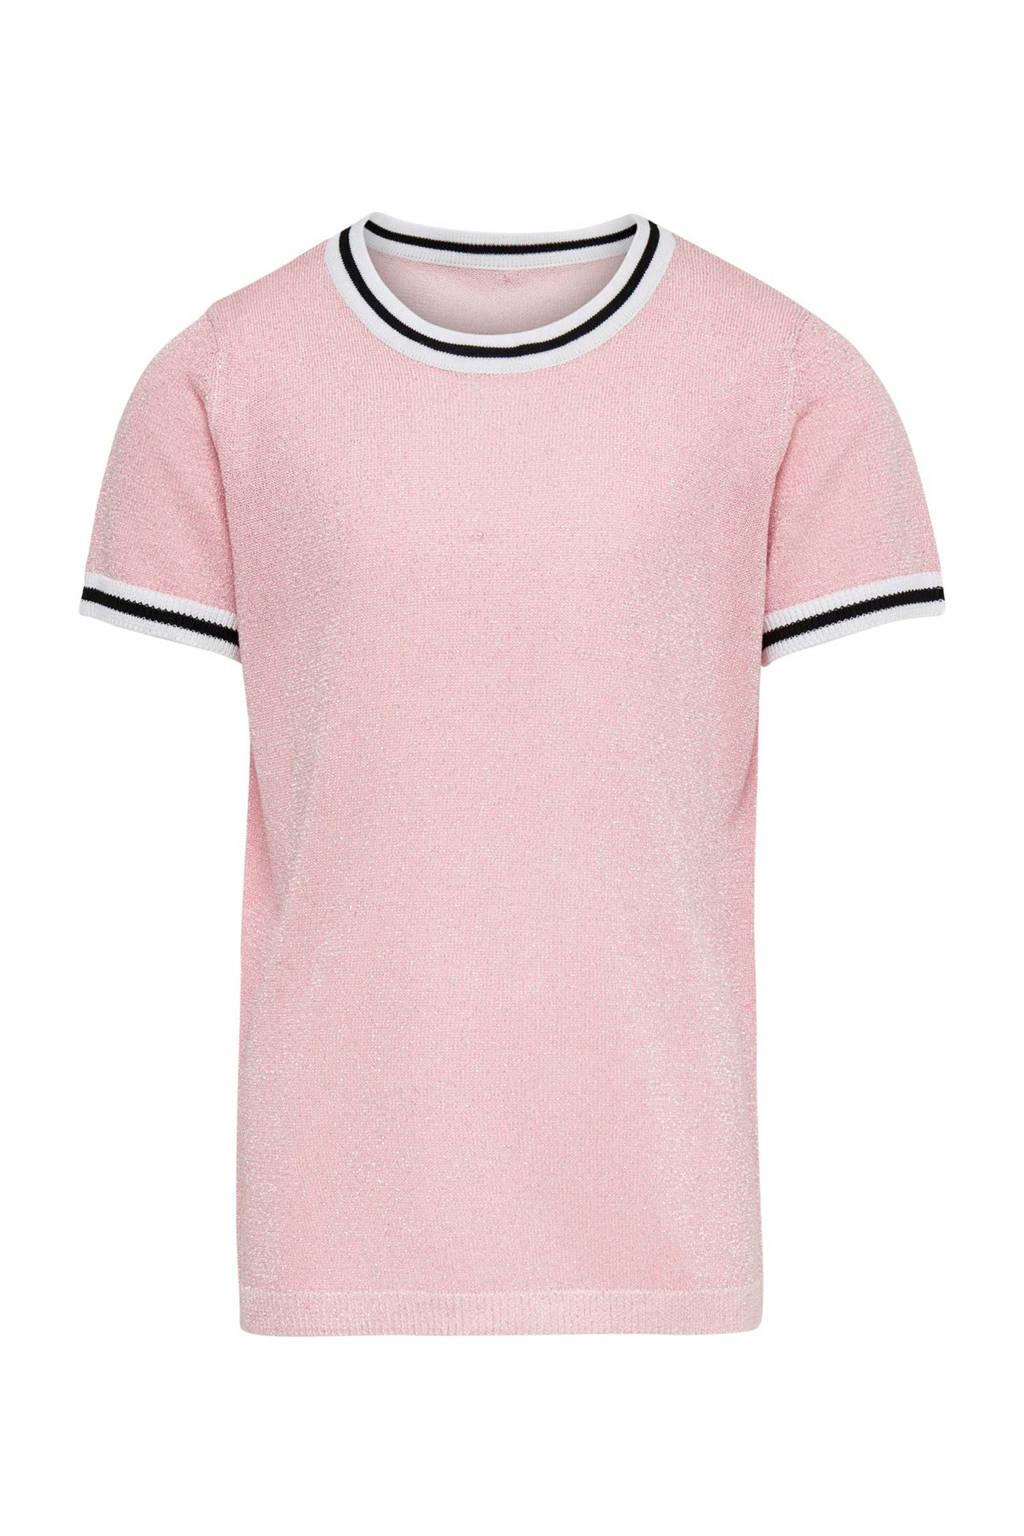 KIDSONLY gebreide glittertop Clara roze, Lichtroze